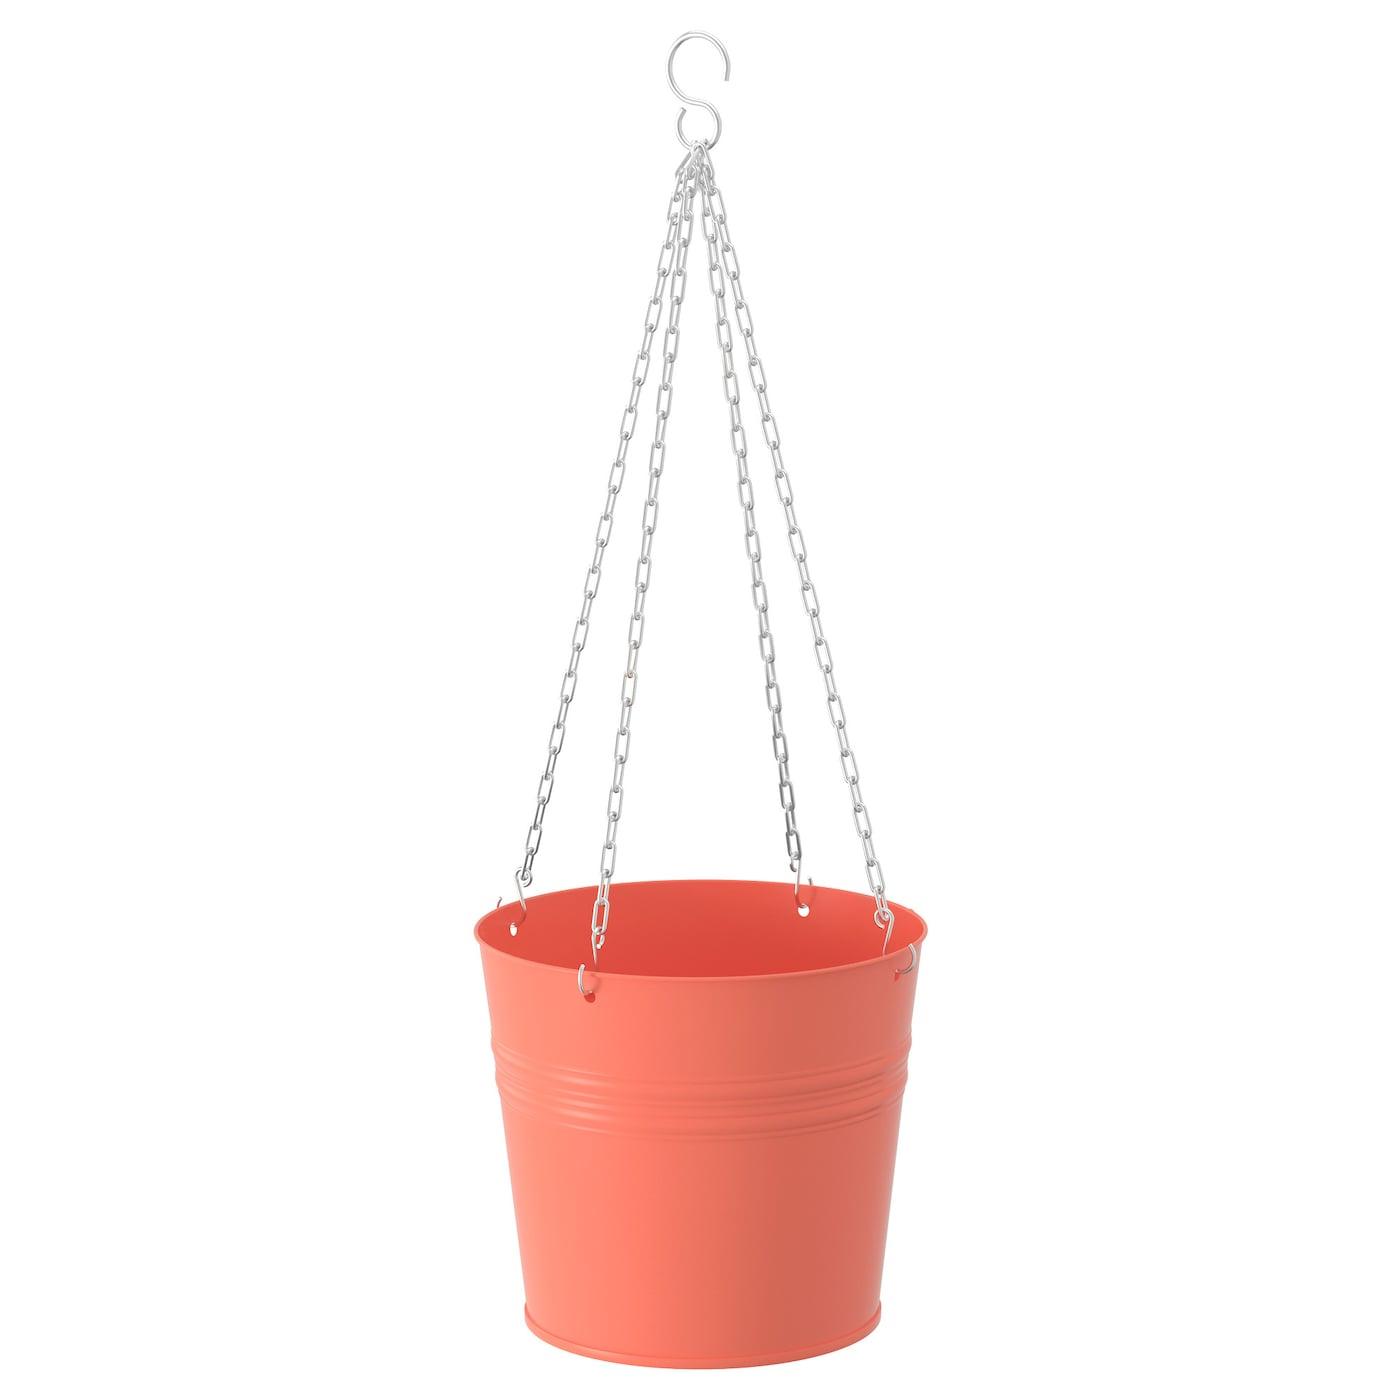 Socker Hanging Planter In Outdoor Orange 19 Cm Ikea